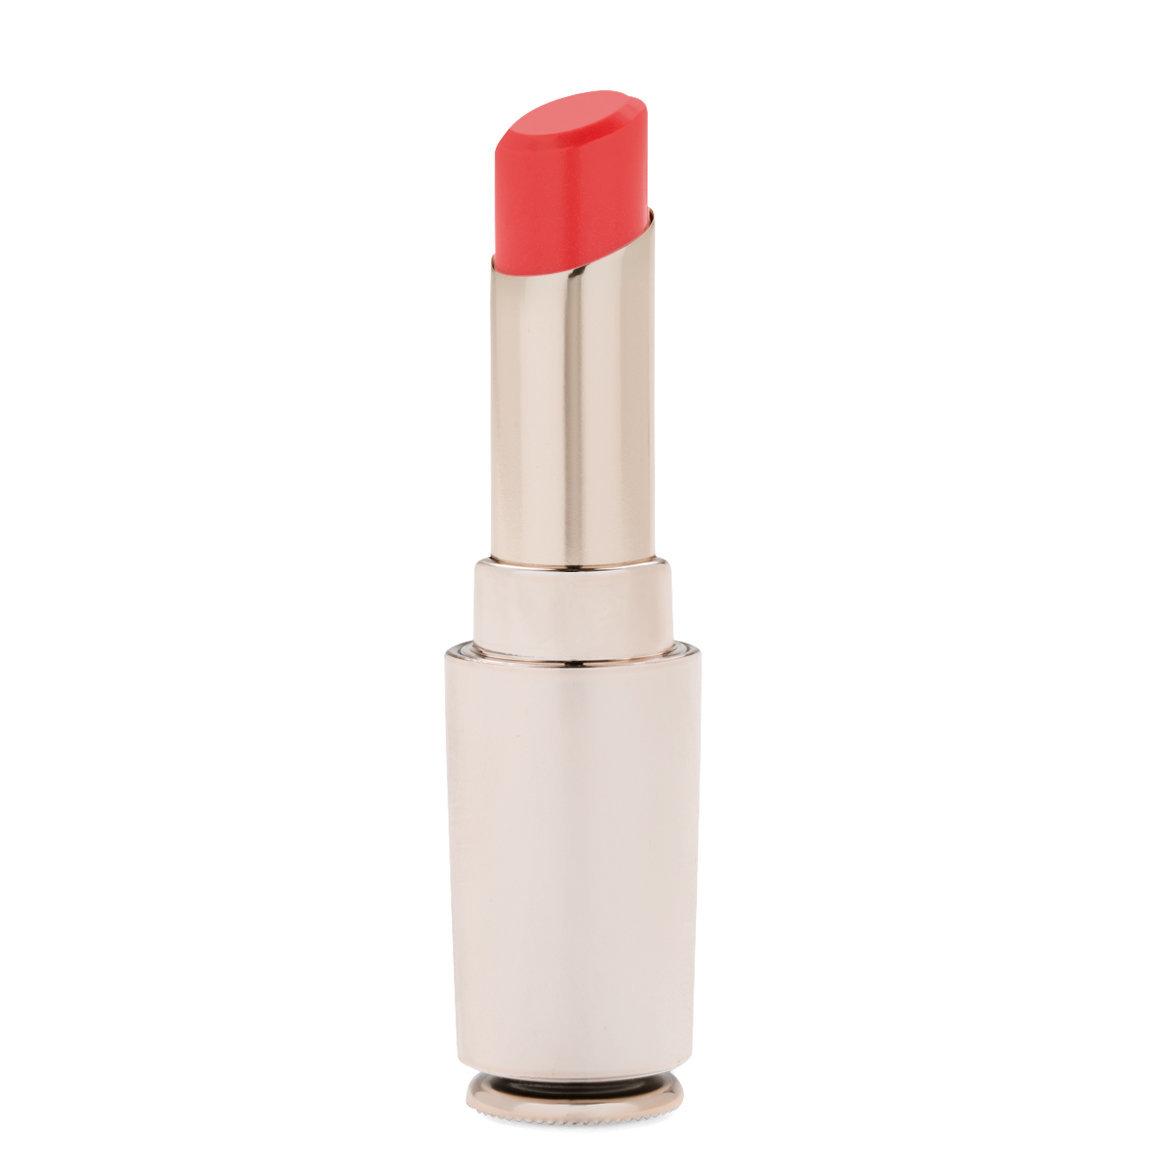 Sulwhasoo Essential Lip Serum Stick No. 5 Blossom Coral